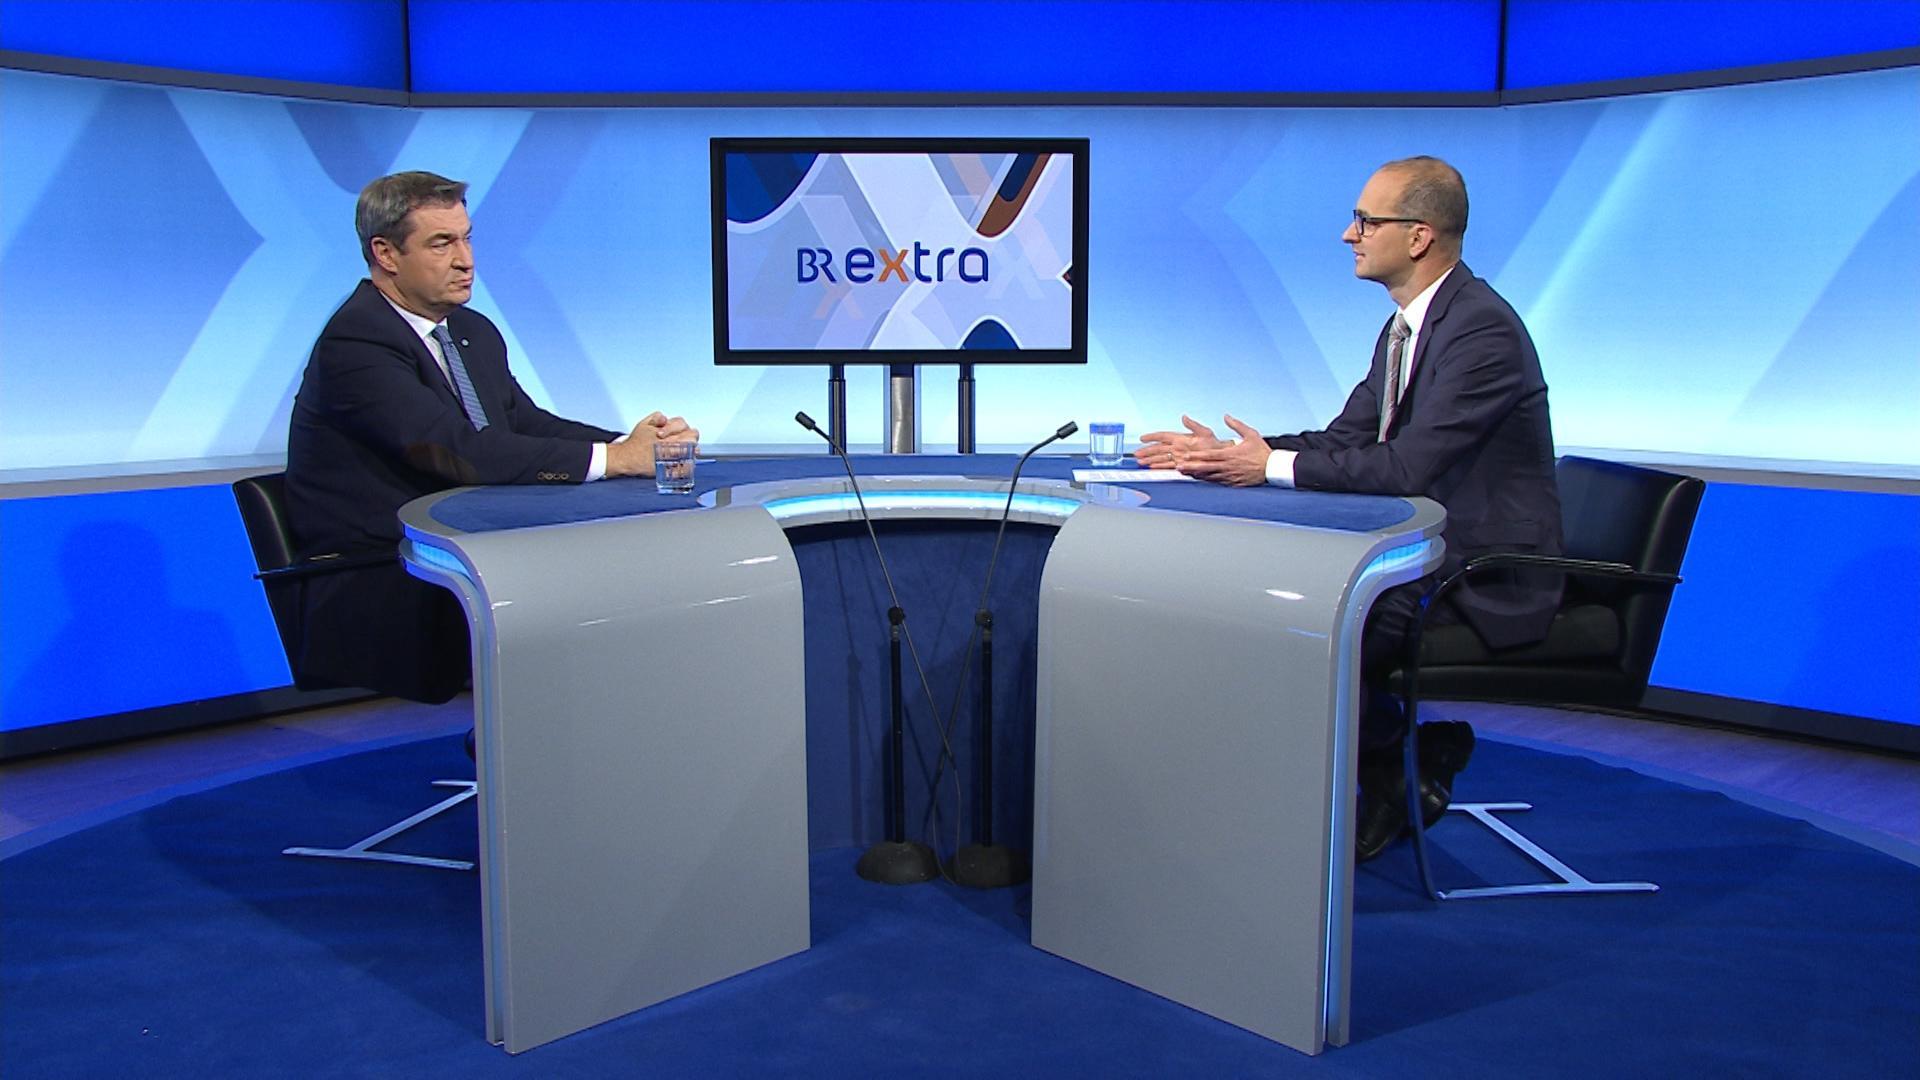 BR Extra mit Ministerpräsident Markus Söder und Chefredakteur Christian Nitsche